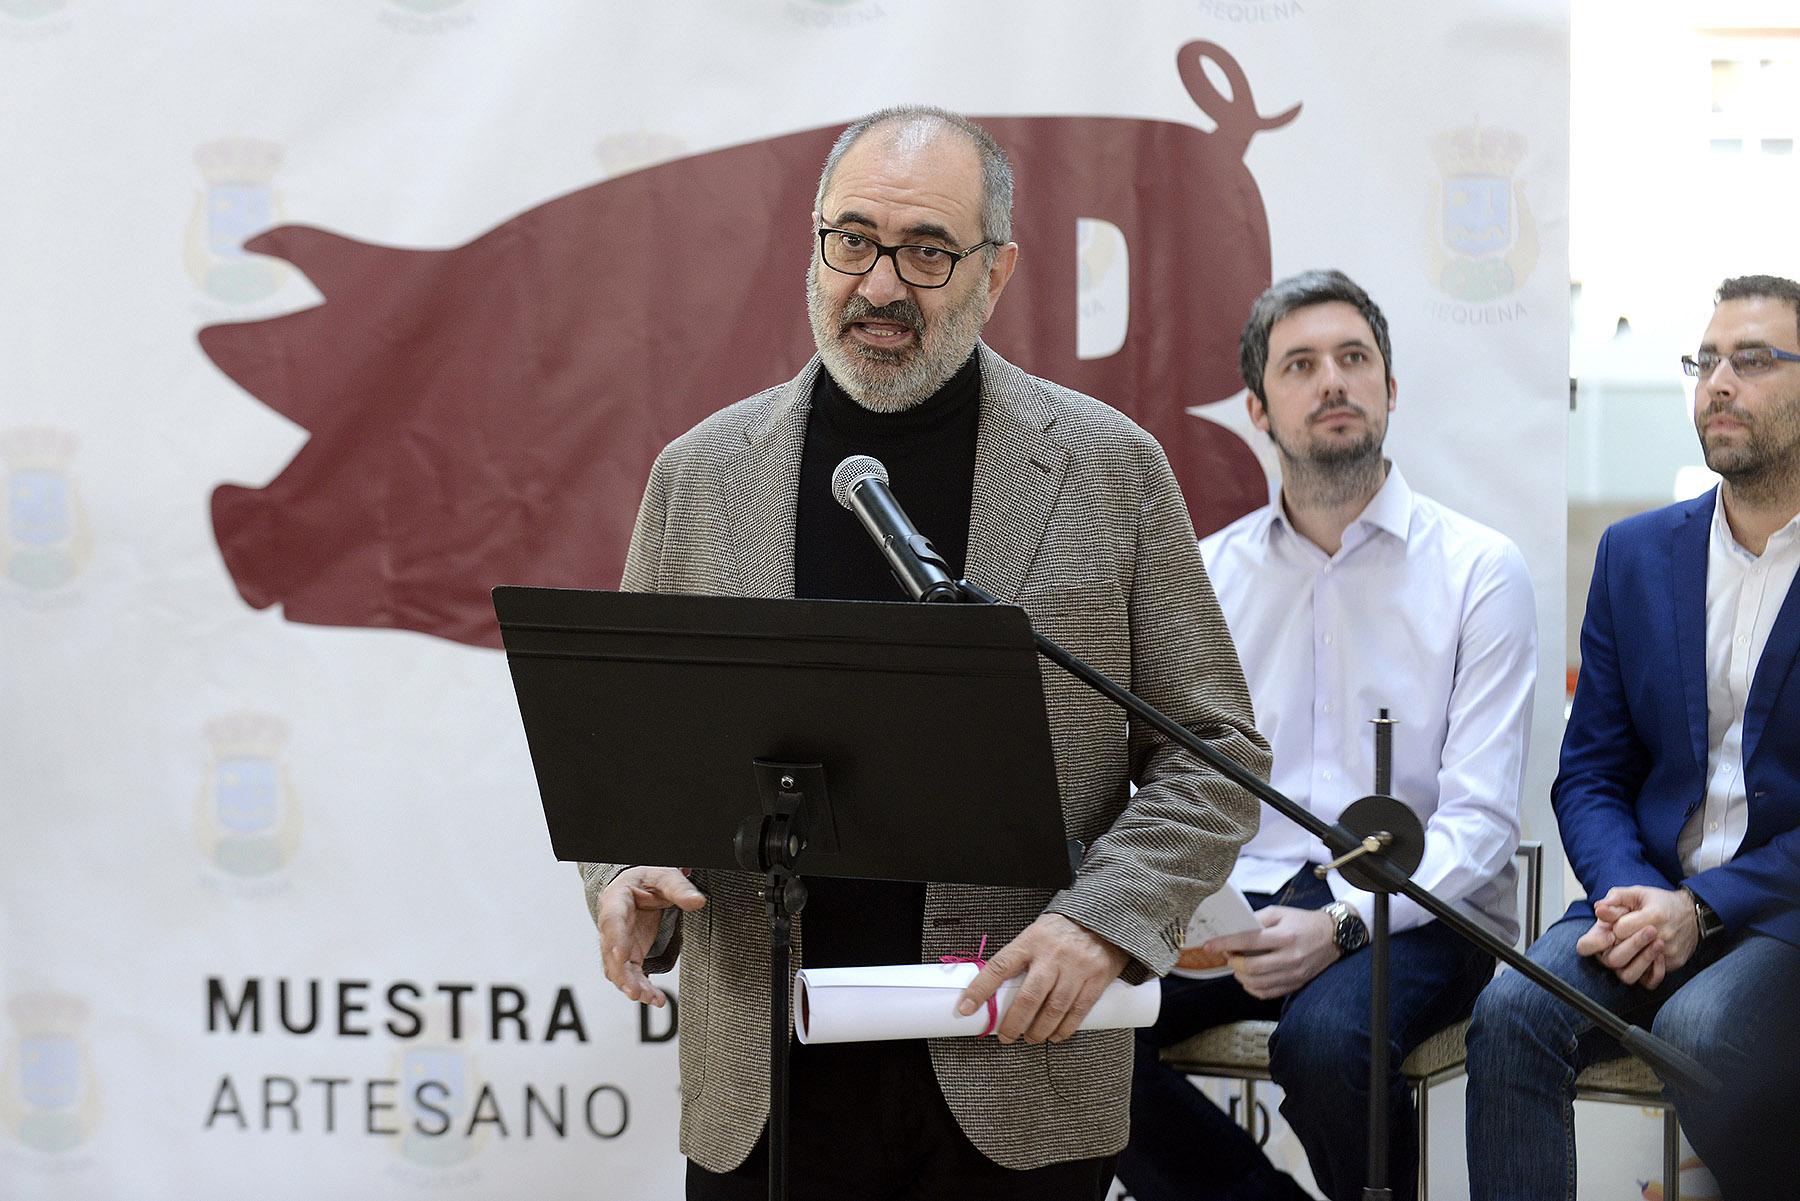 el actor Joaquín Climent, natural de Requena, que este año ha sido nombrado Maestro Carnicero, título que compartirá con Mario Sánchez, alcalde de Requena, también nombrado Maestro Carnicero de esta edición.